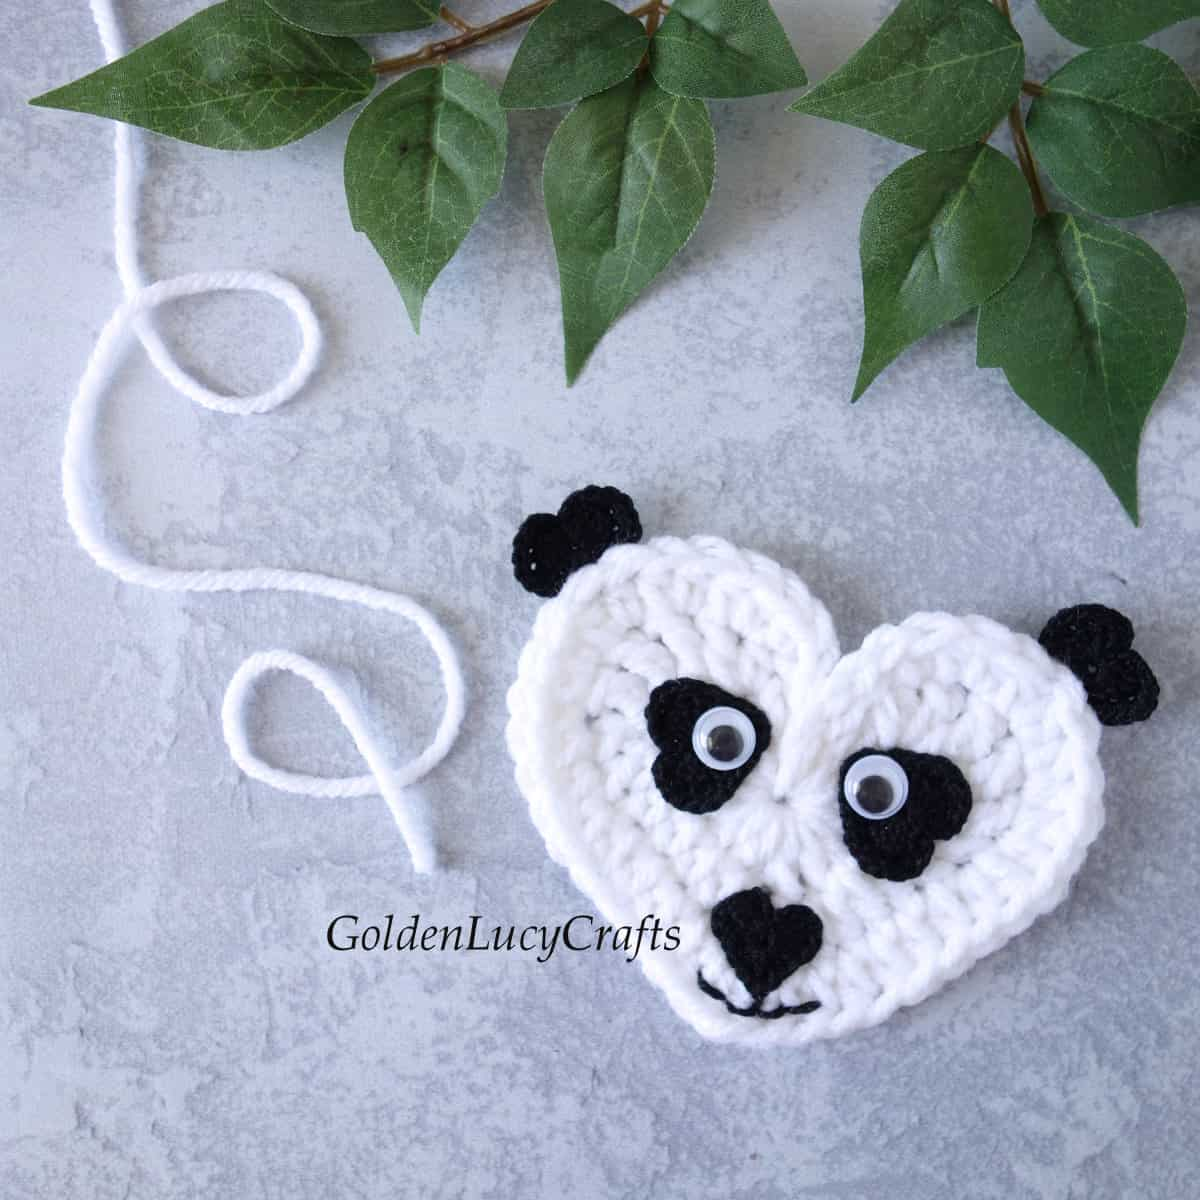 Crochet heart-shaped panda applique.